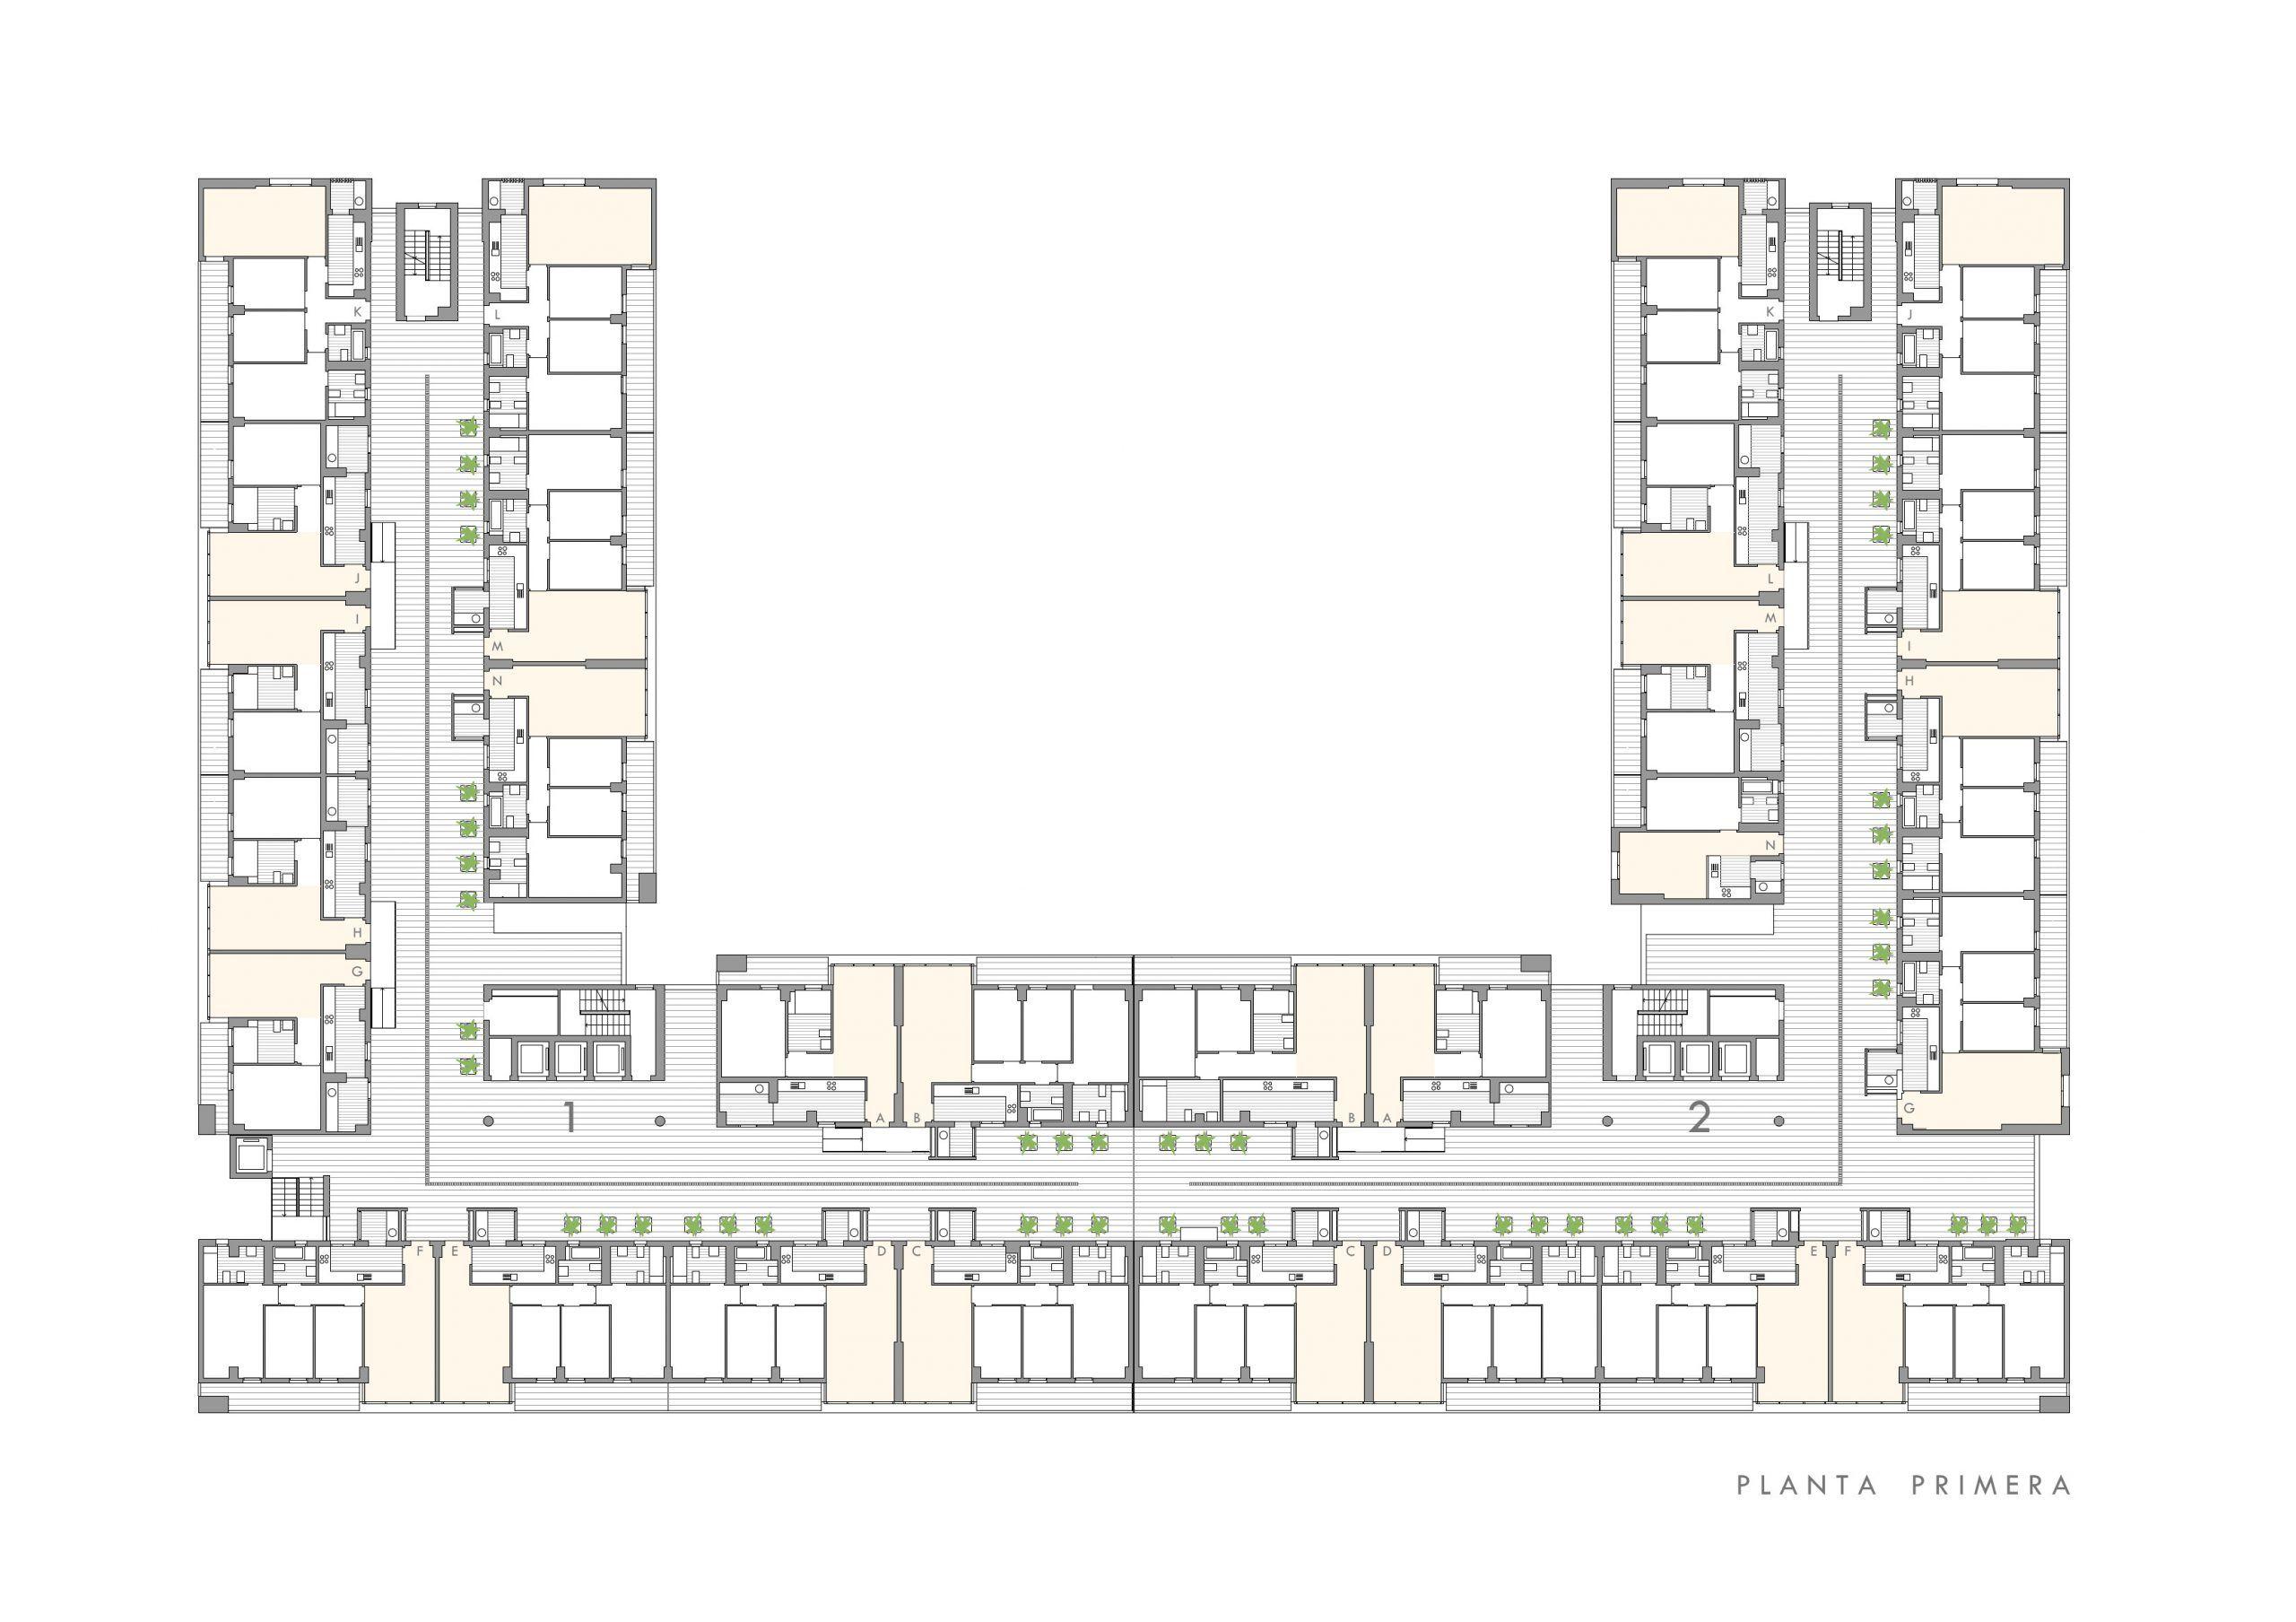 Edificio de viviendas protegidas Parque Martiricos en Malaga